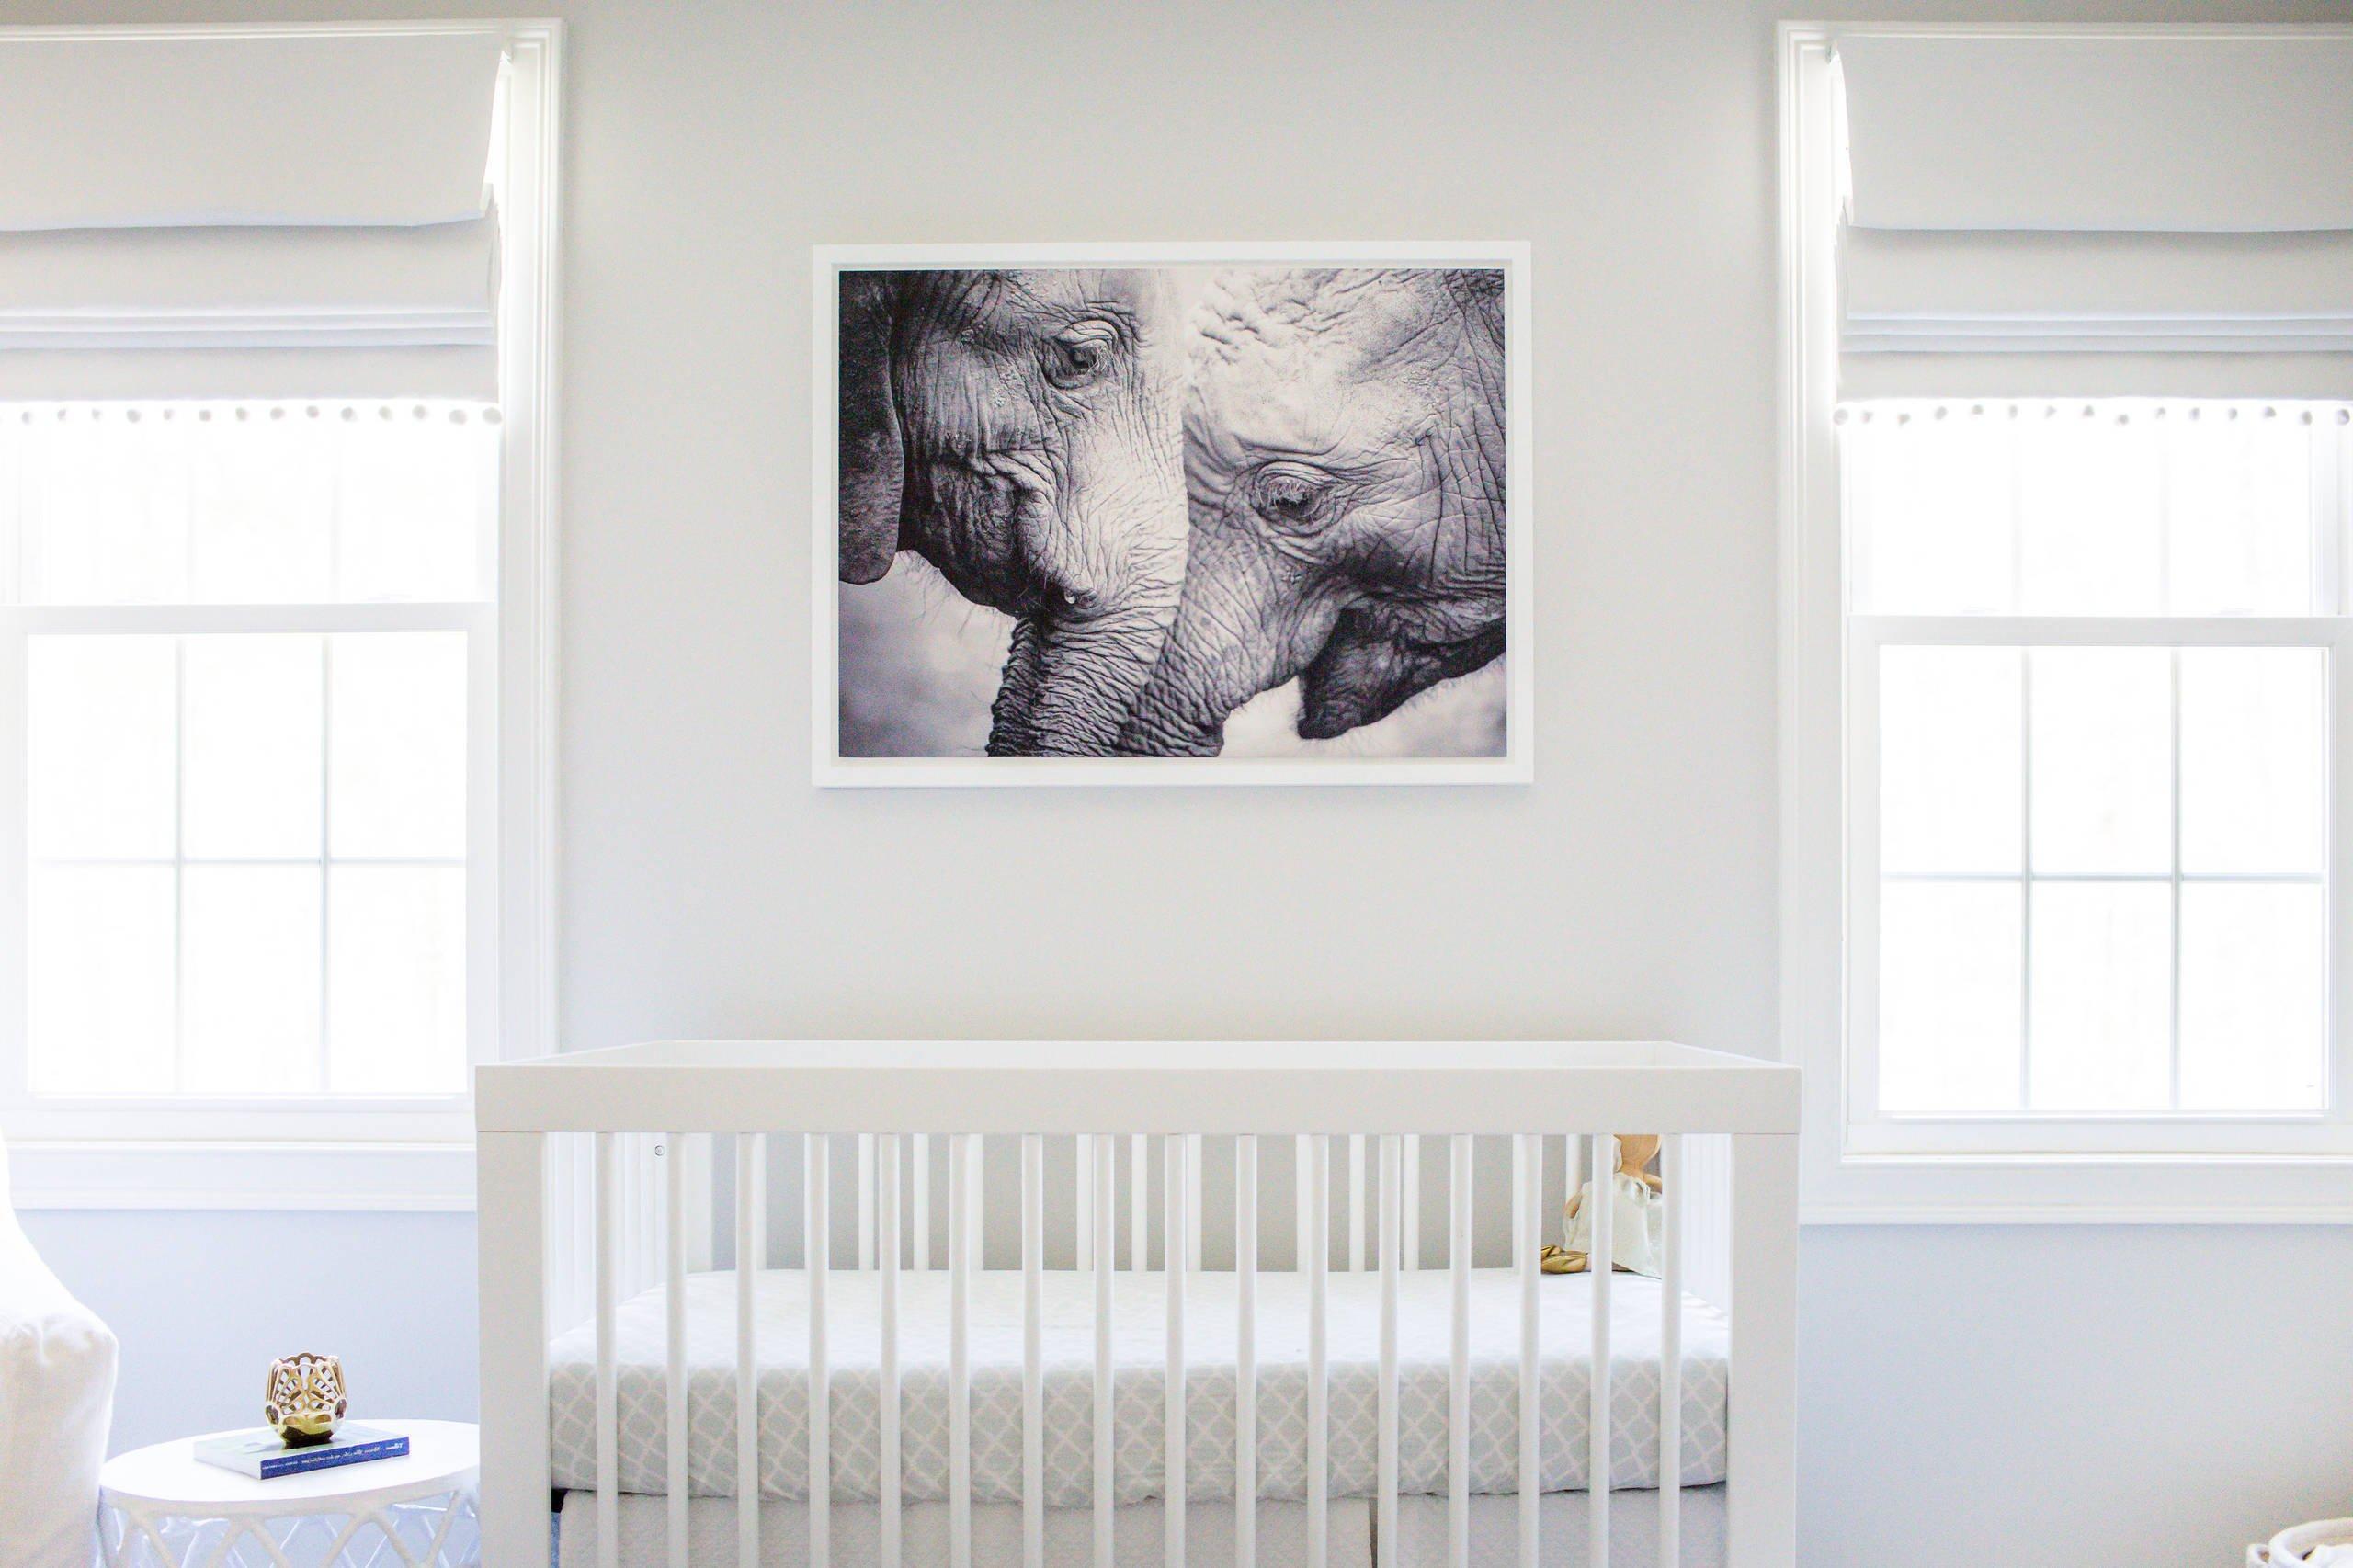 #4 Idee für WandgestaltungSchlafzimmer: Mein kleines Mirakel, Mama und Papa lieben dich aus ihren ganzen Herzen